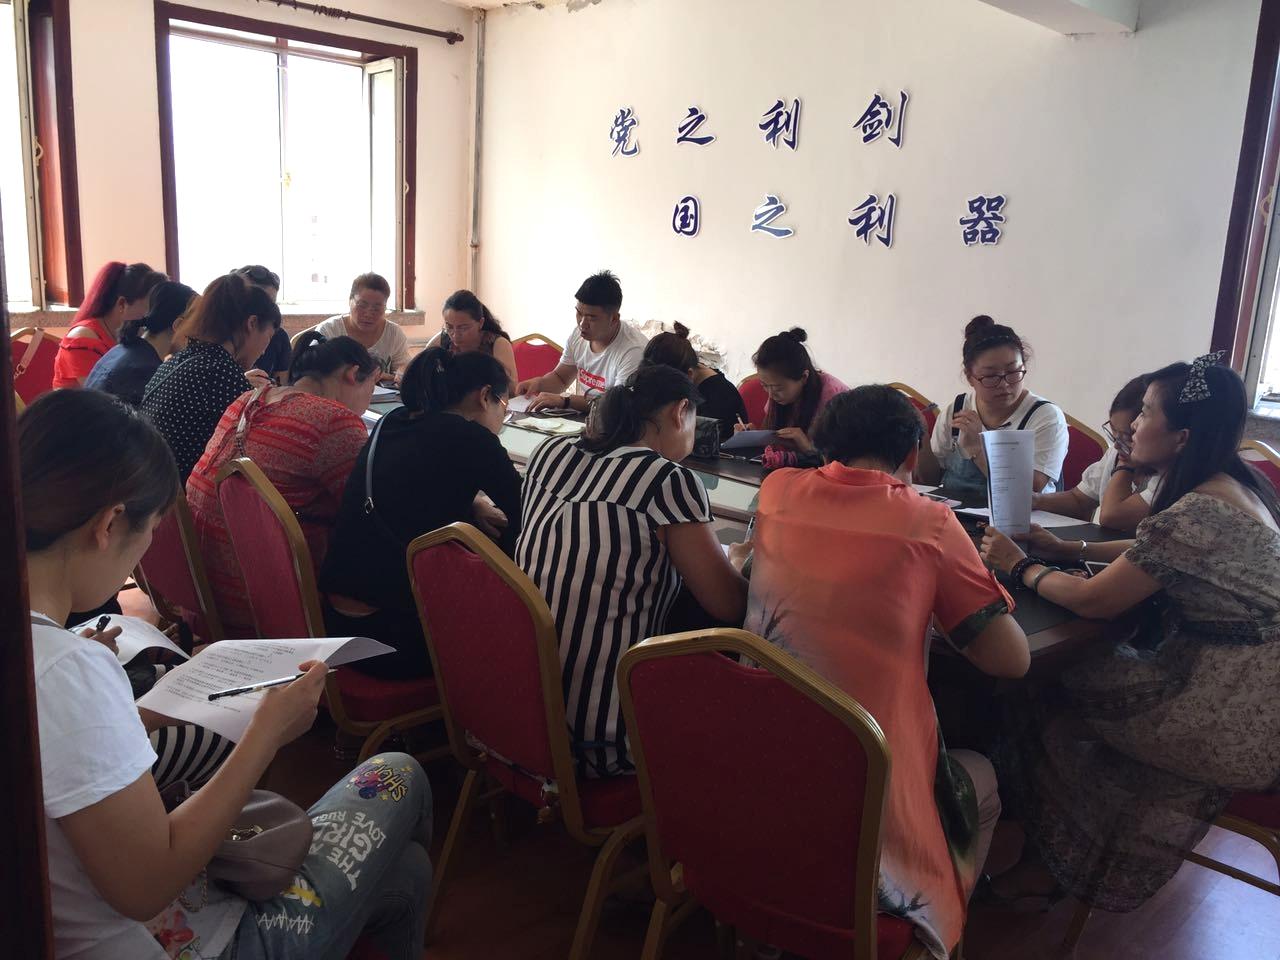 枣庄峄城面向高校毕业生招聘劳保协理员,附报名条件